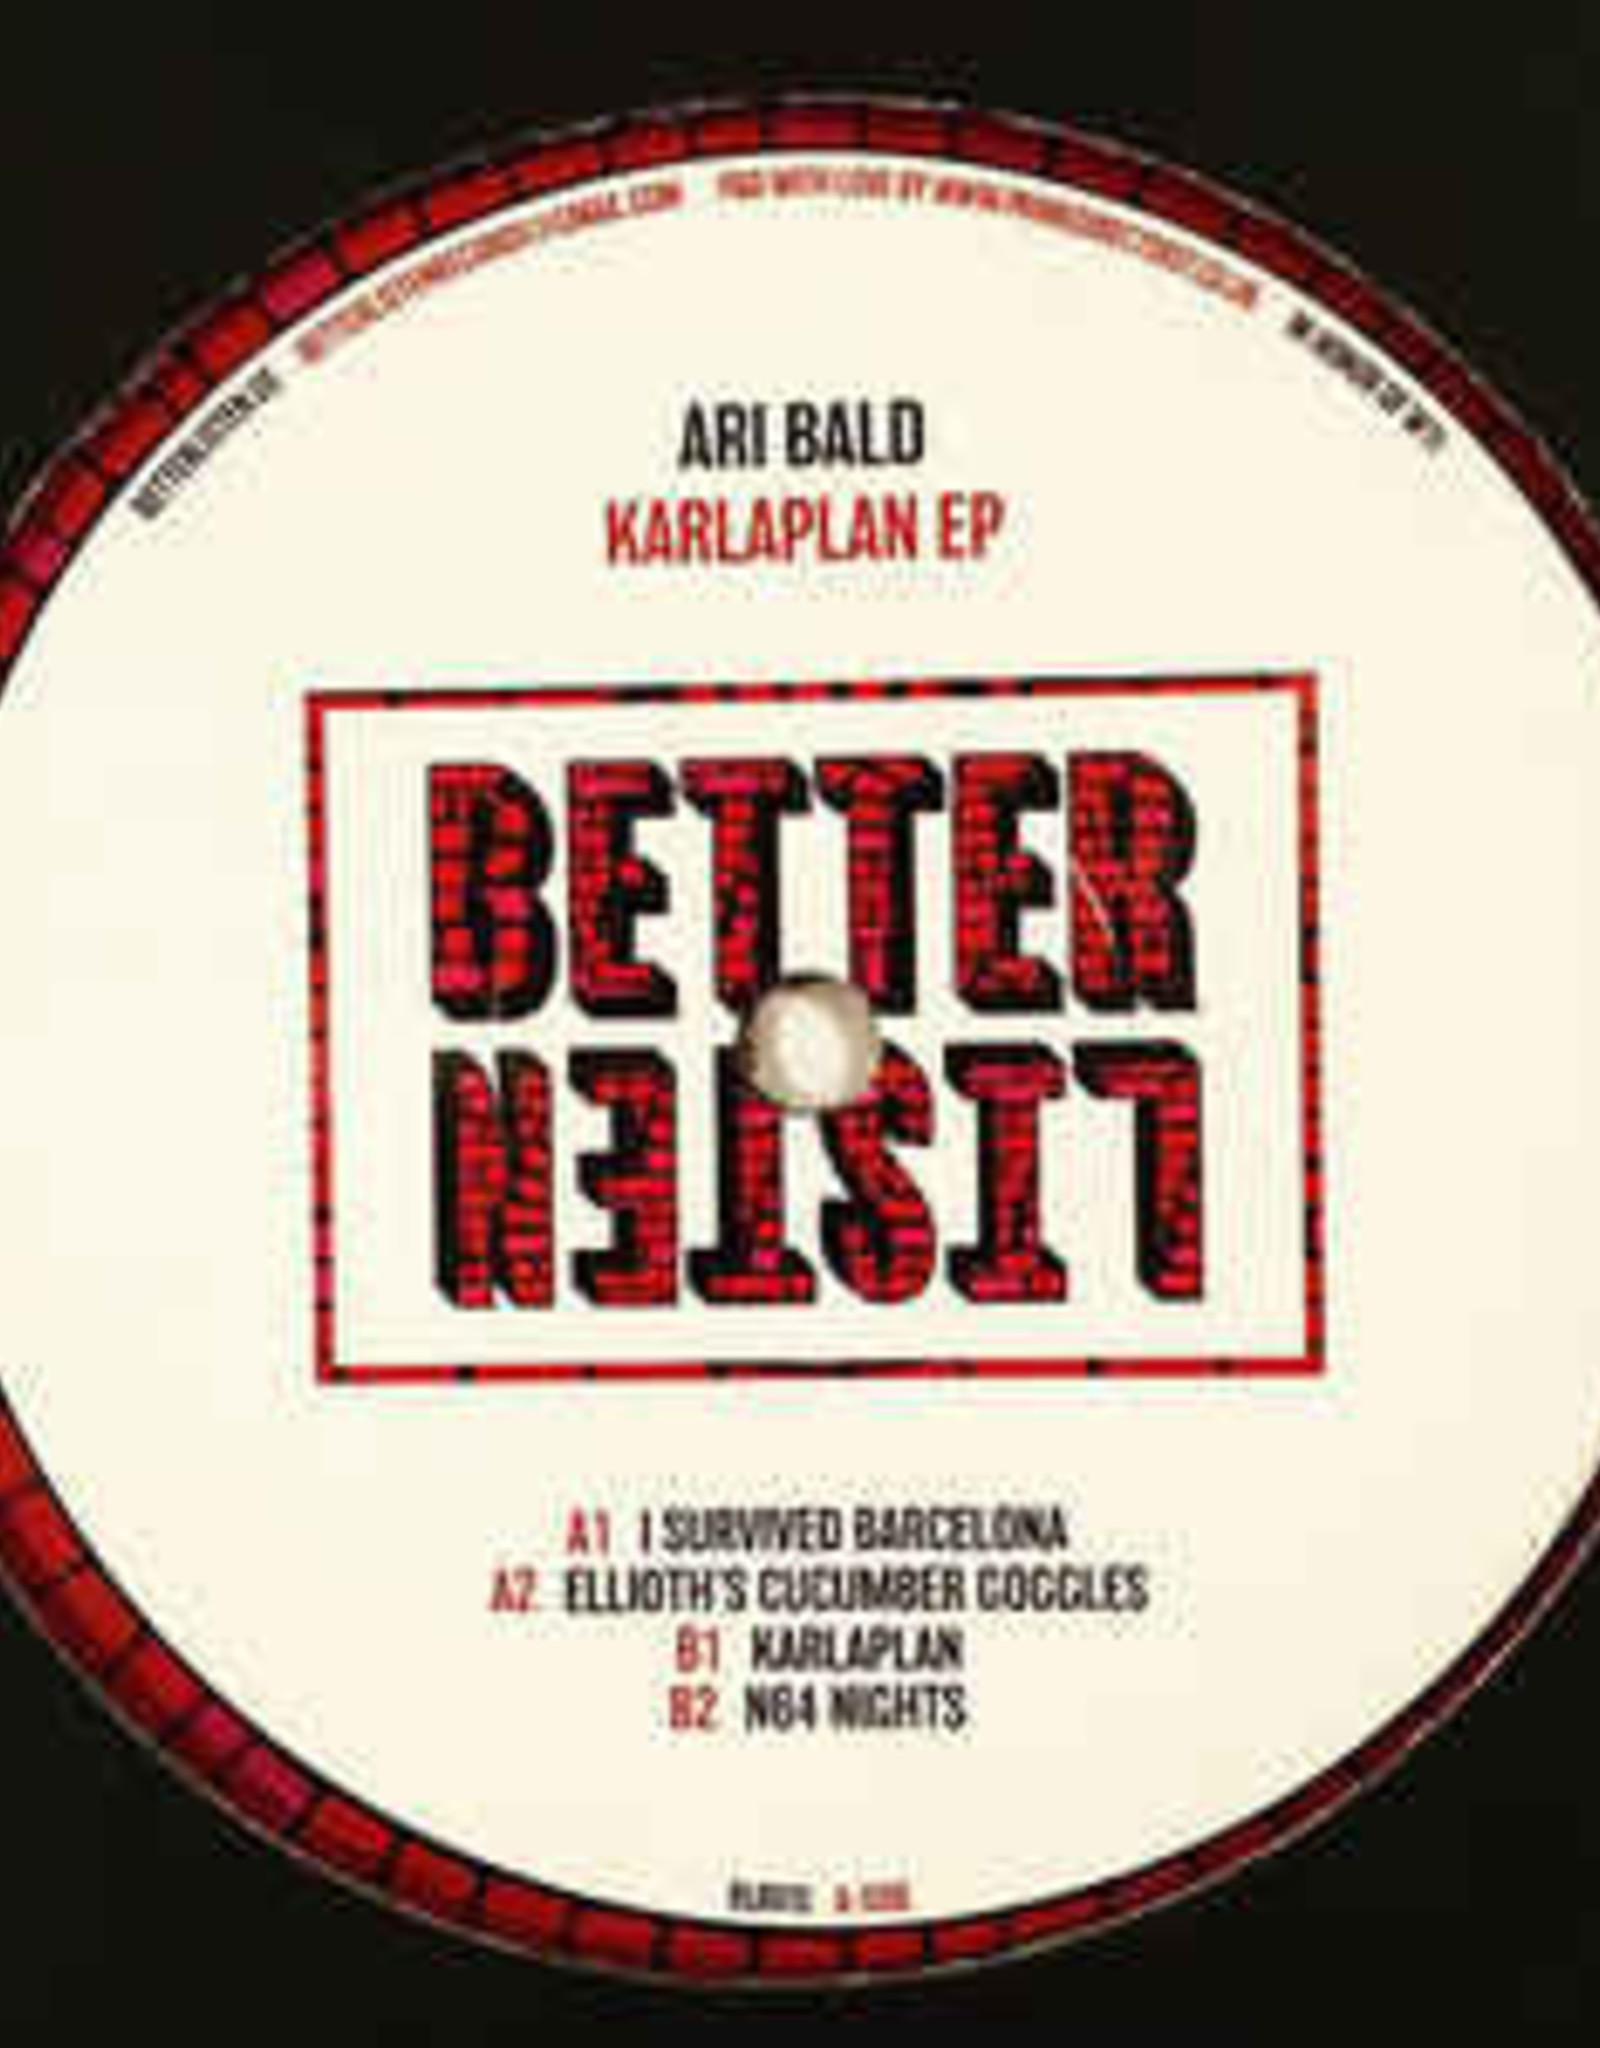 Better Listen 13 - Better Listen 13